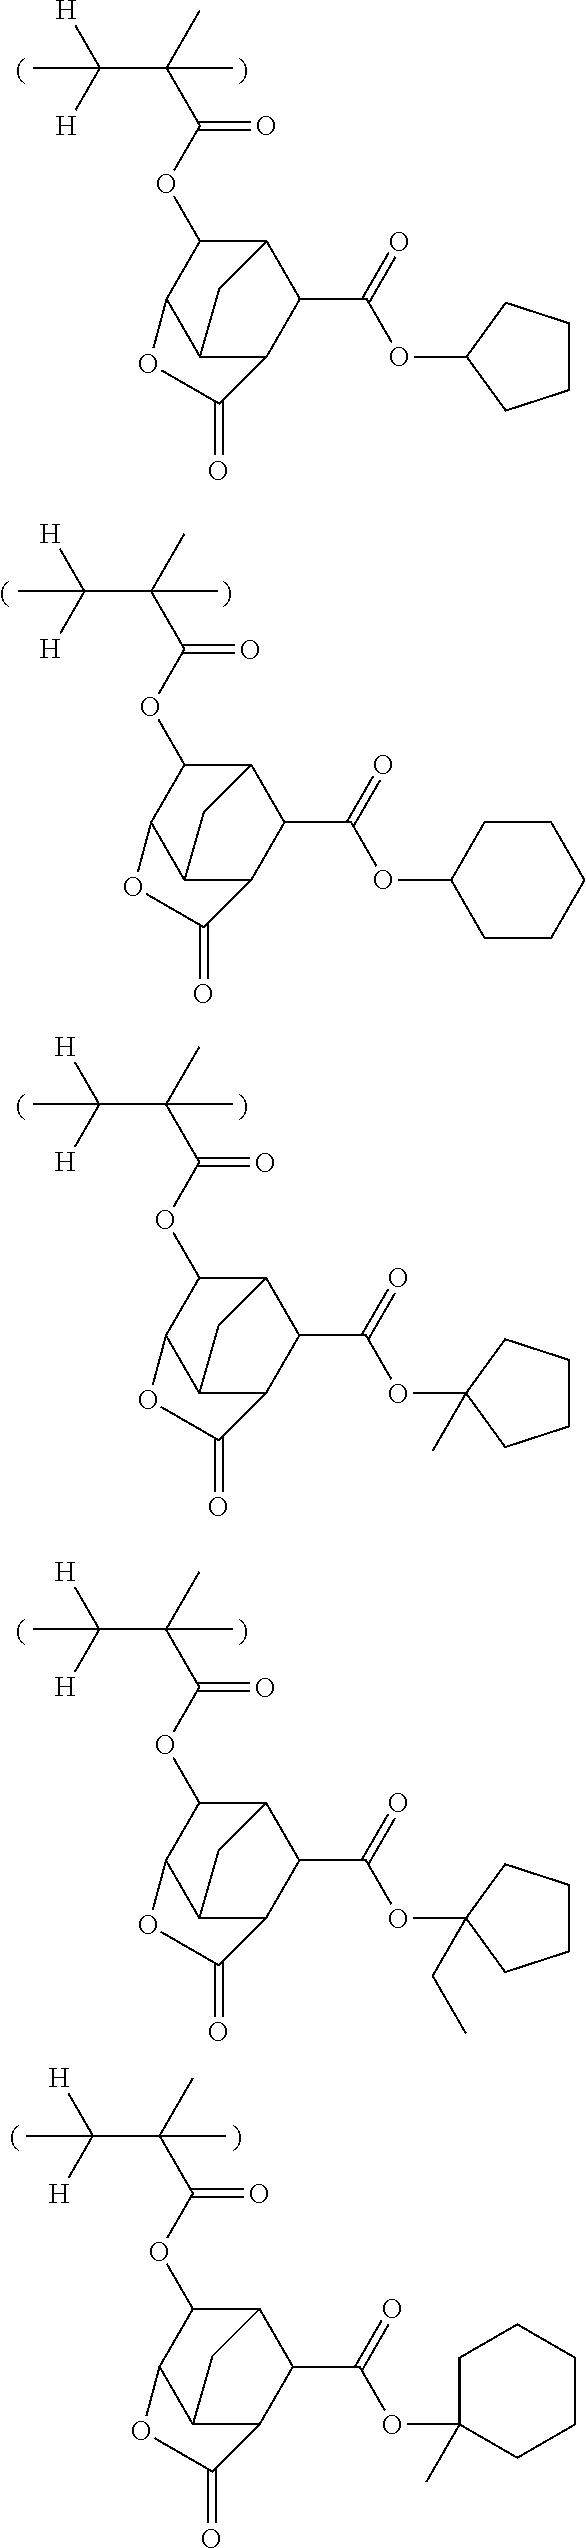 Figure US08062831-20111122-C00111